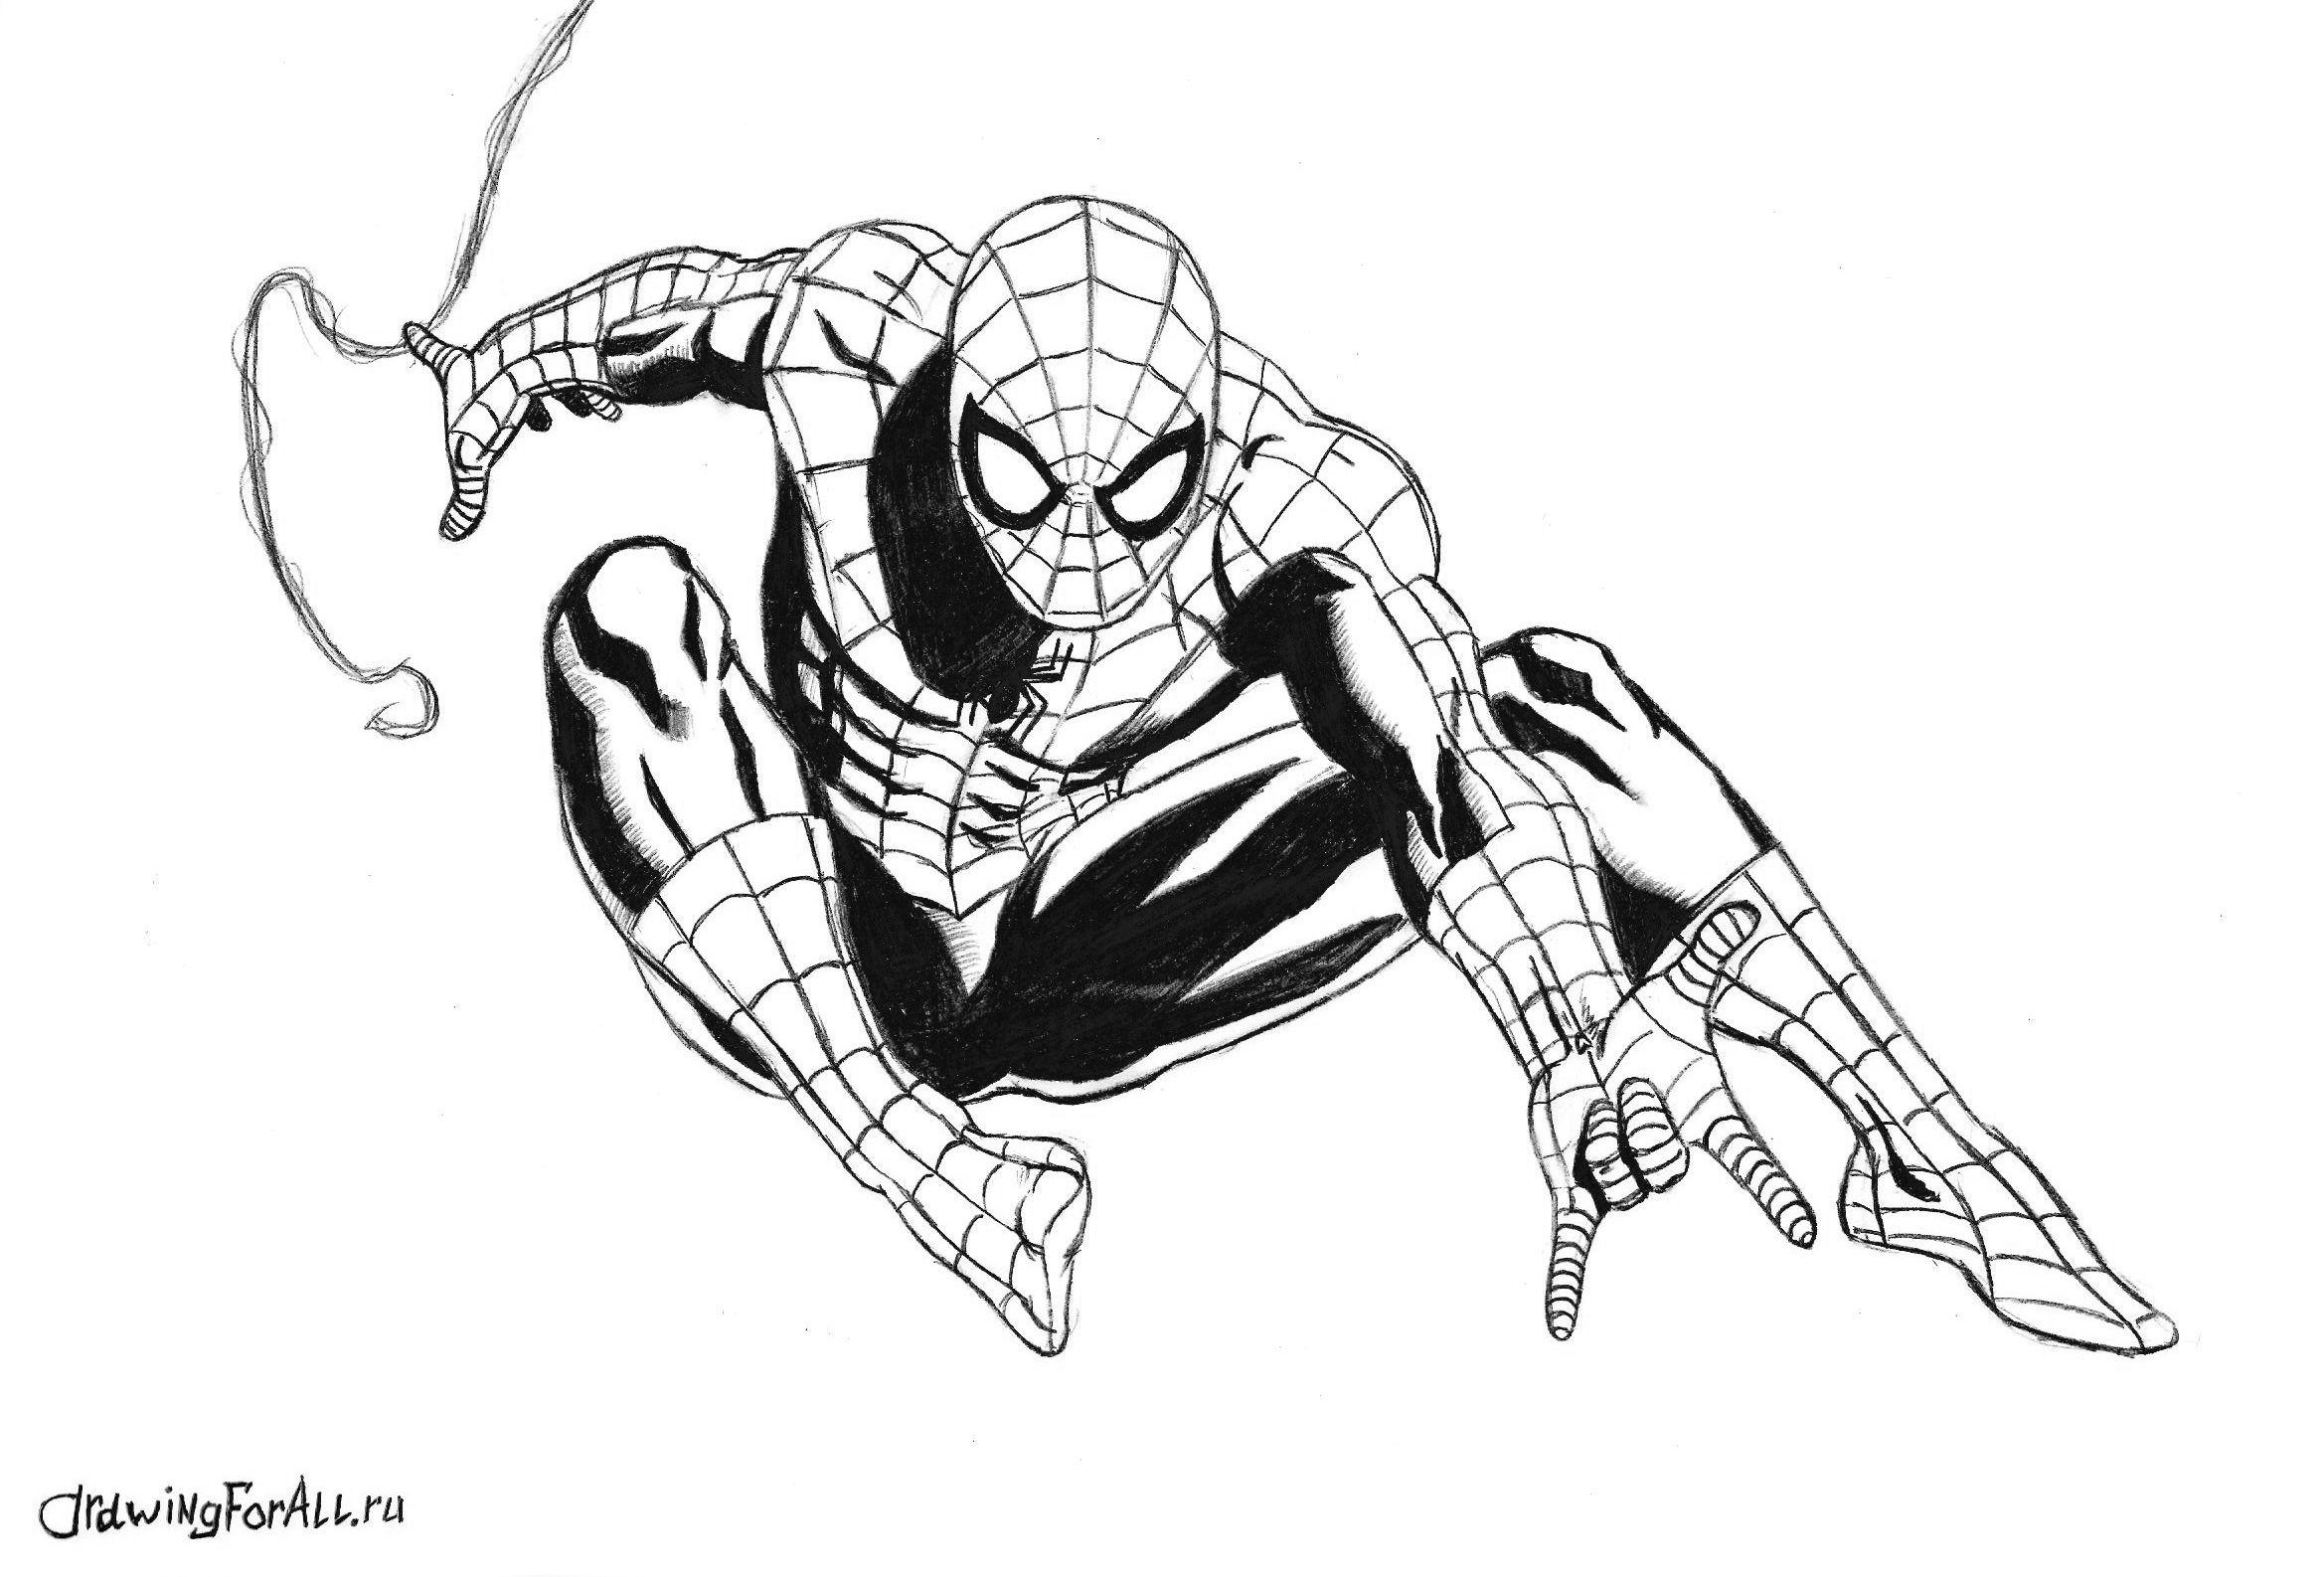 Как нарисовать картинку человека паука, заповедей